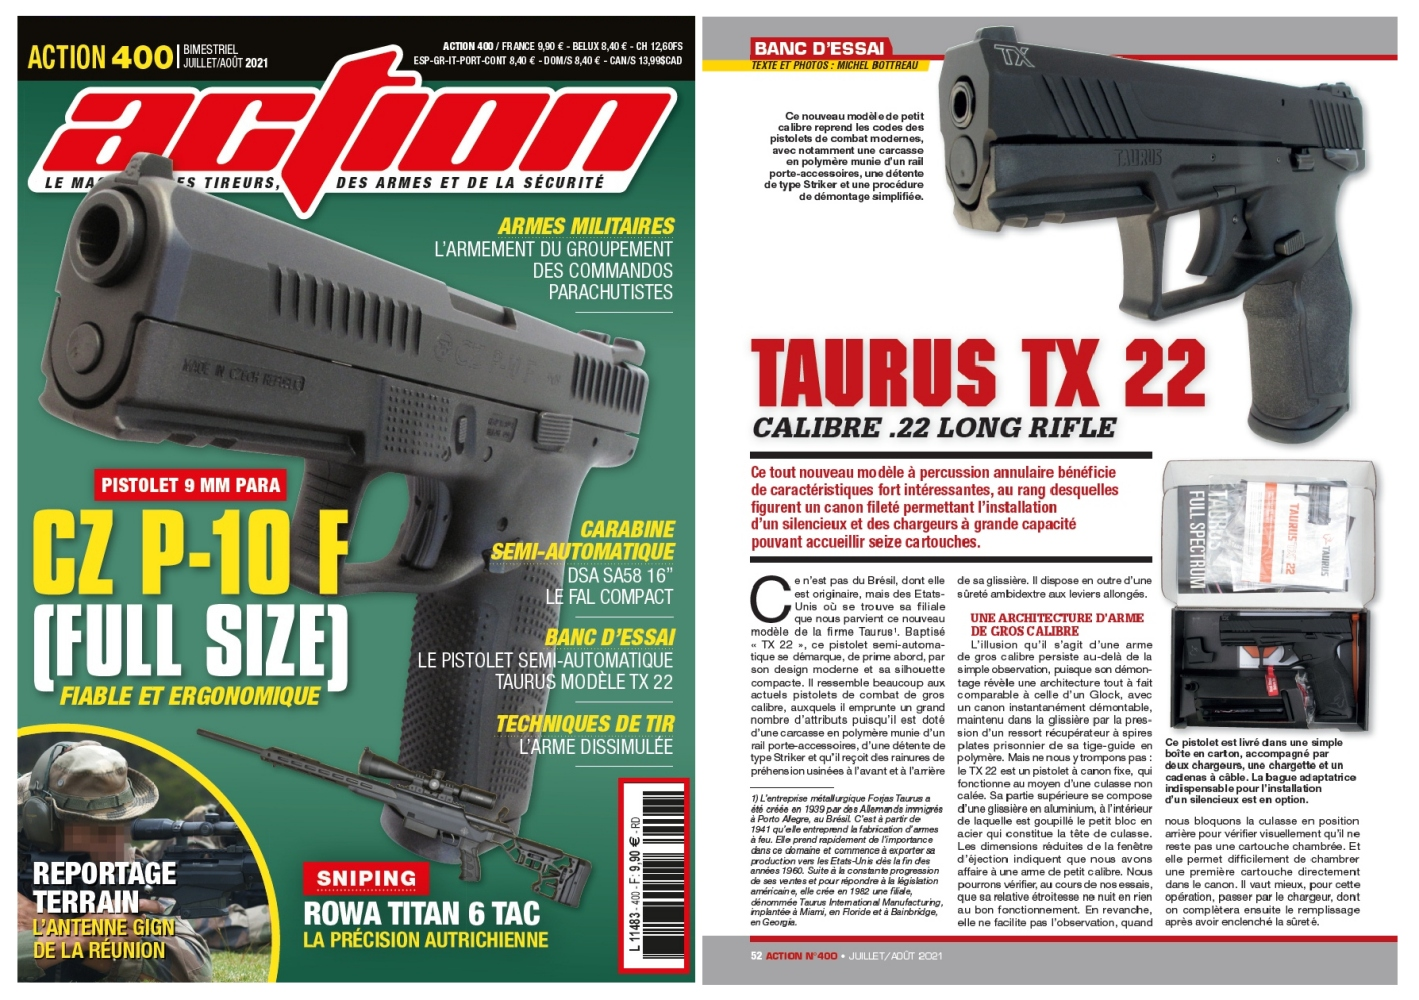 Le banc d'essai du pistolet Taurus TX 22 a été publié sur 6 pages dans le magazine Action n°400 (juillet-août 2021).